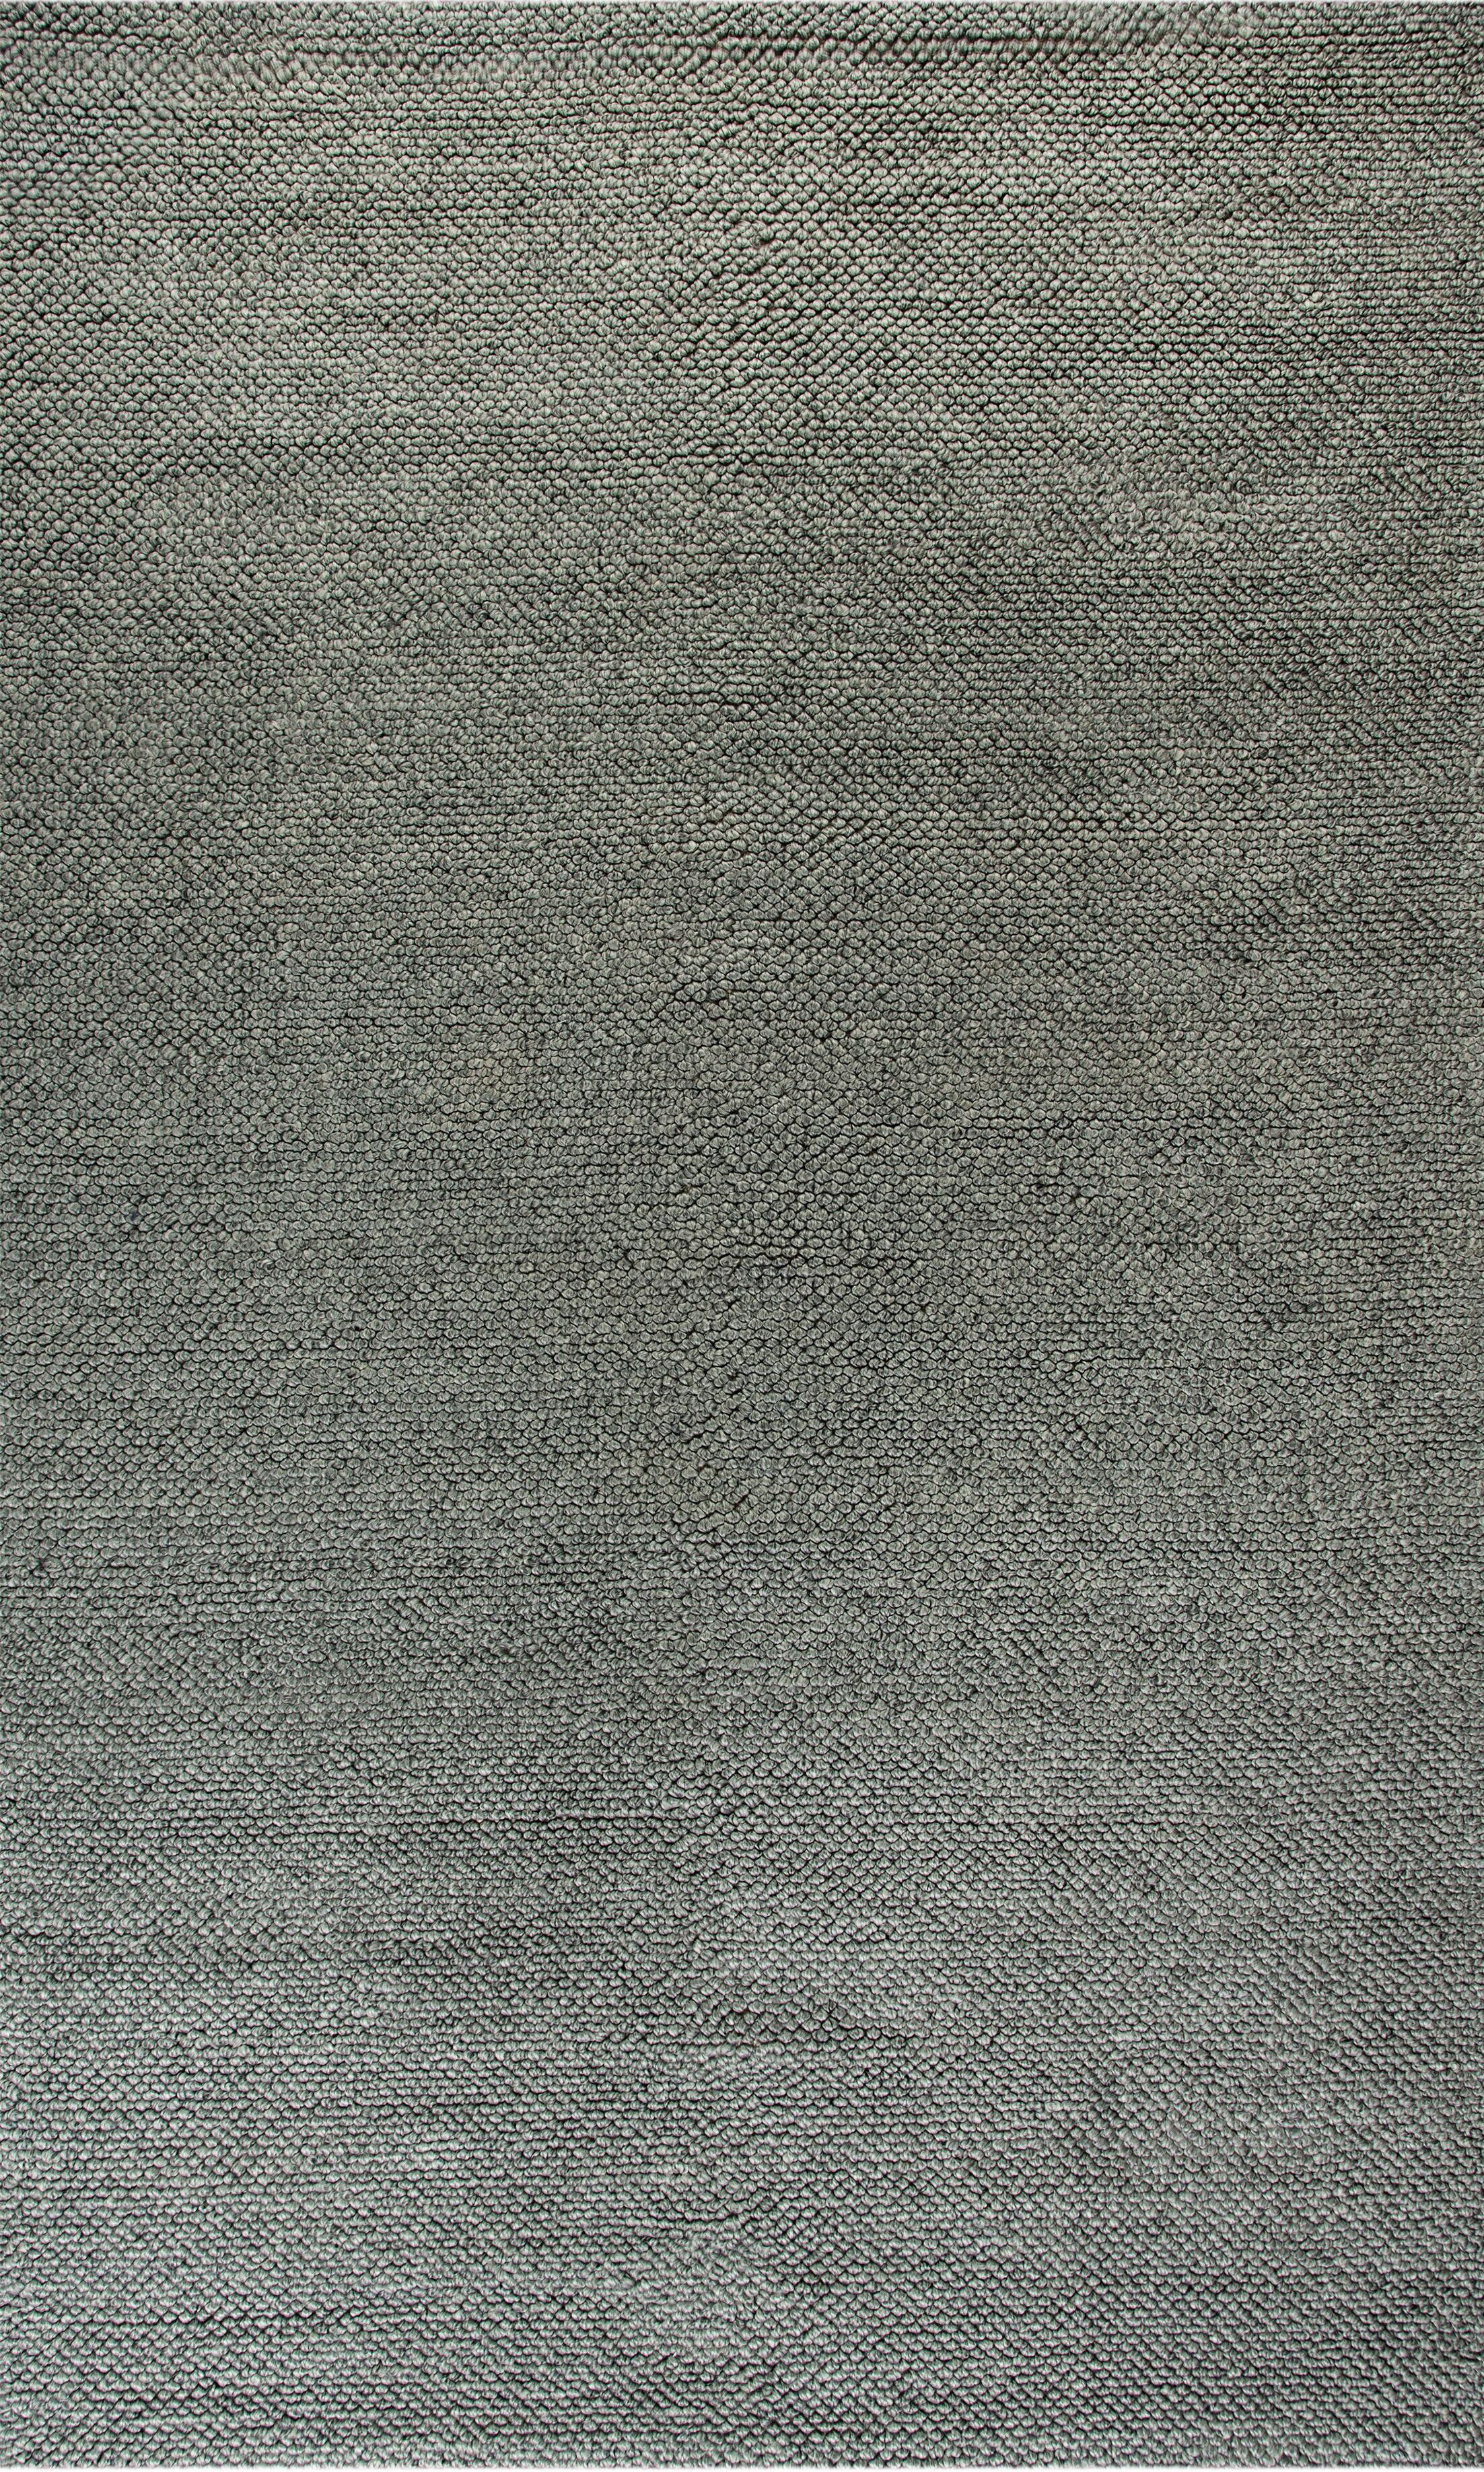 Elbridge Hand-Woven Ivory/Gray Area Rug Rug Size: Rectangle 8' x 11'